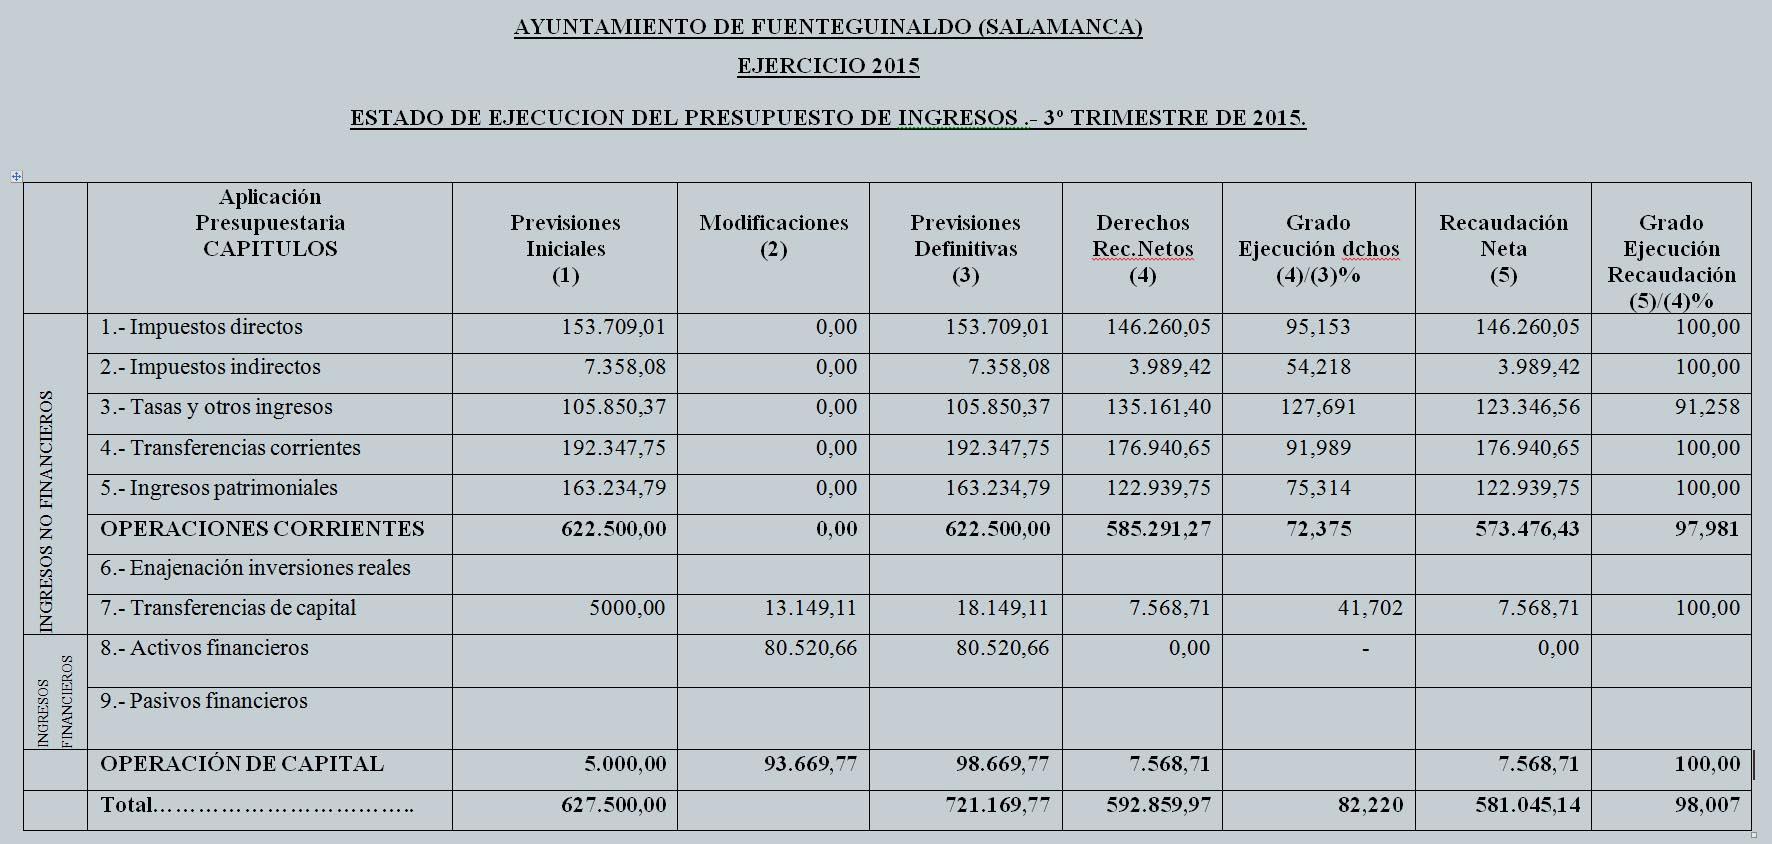 consulta el estado de ejecución del presupuesto de ingresos y gastos